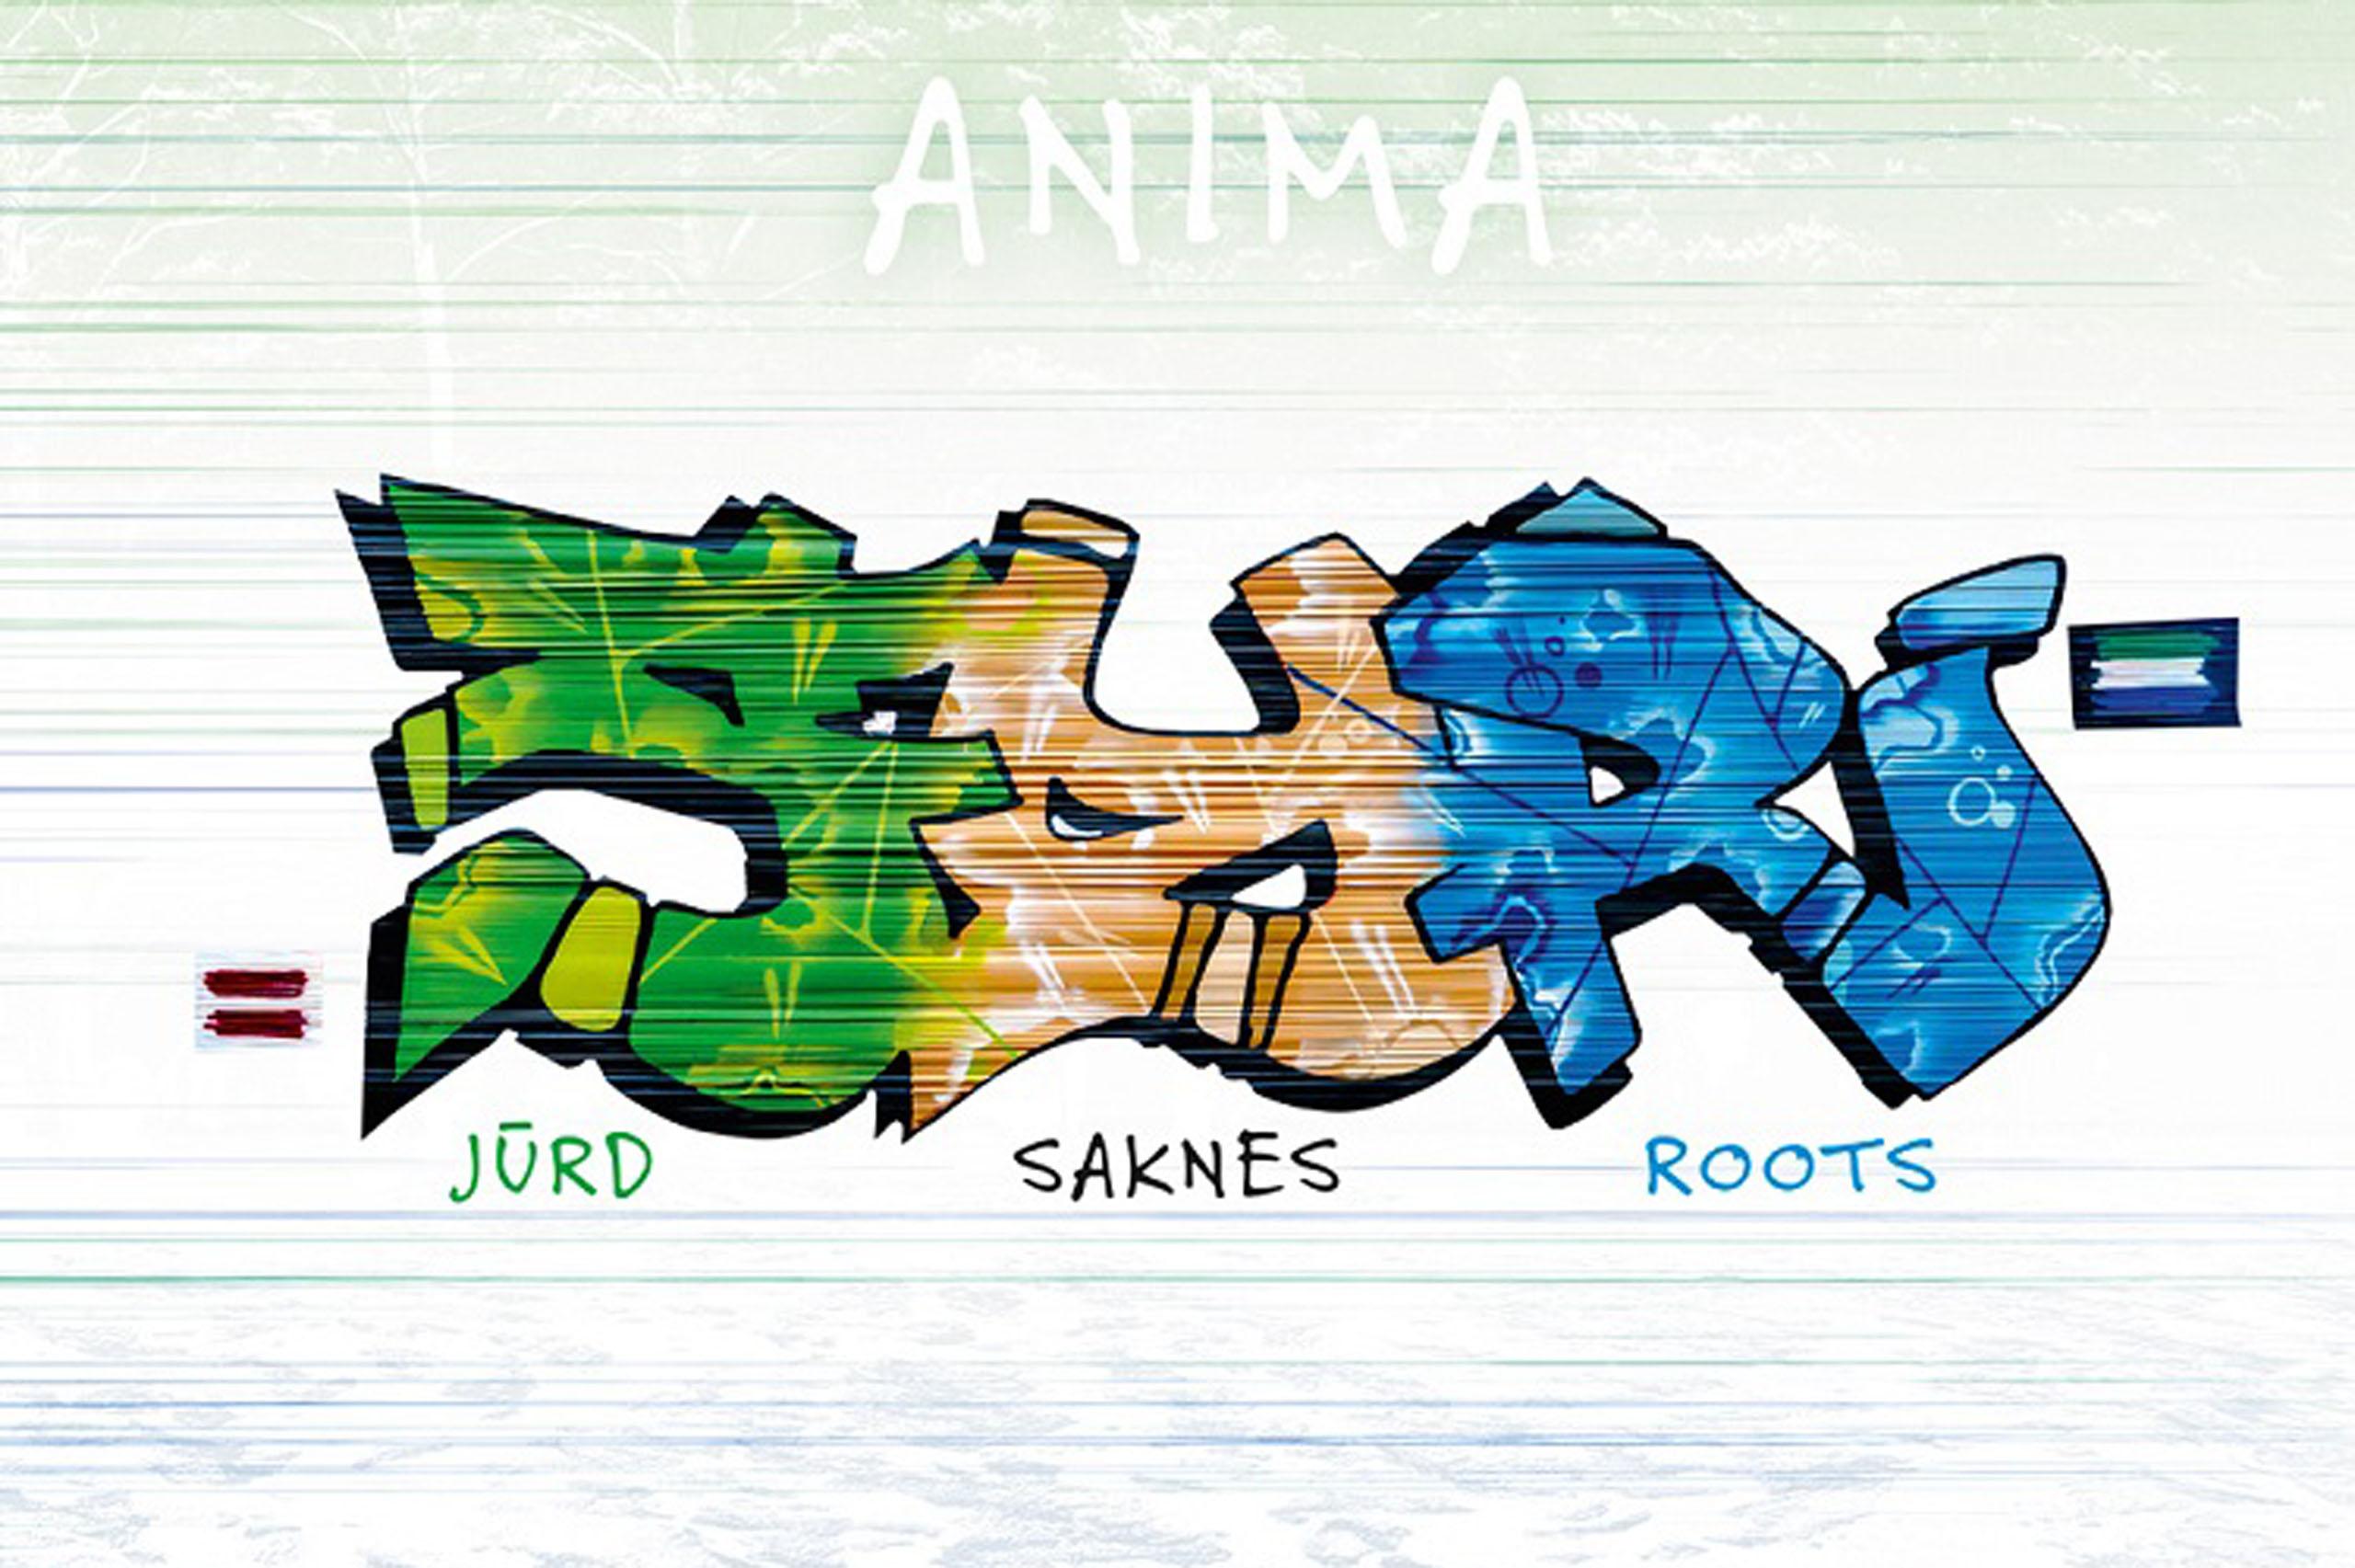 Jurd Saknes Roots Slider image 6